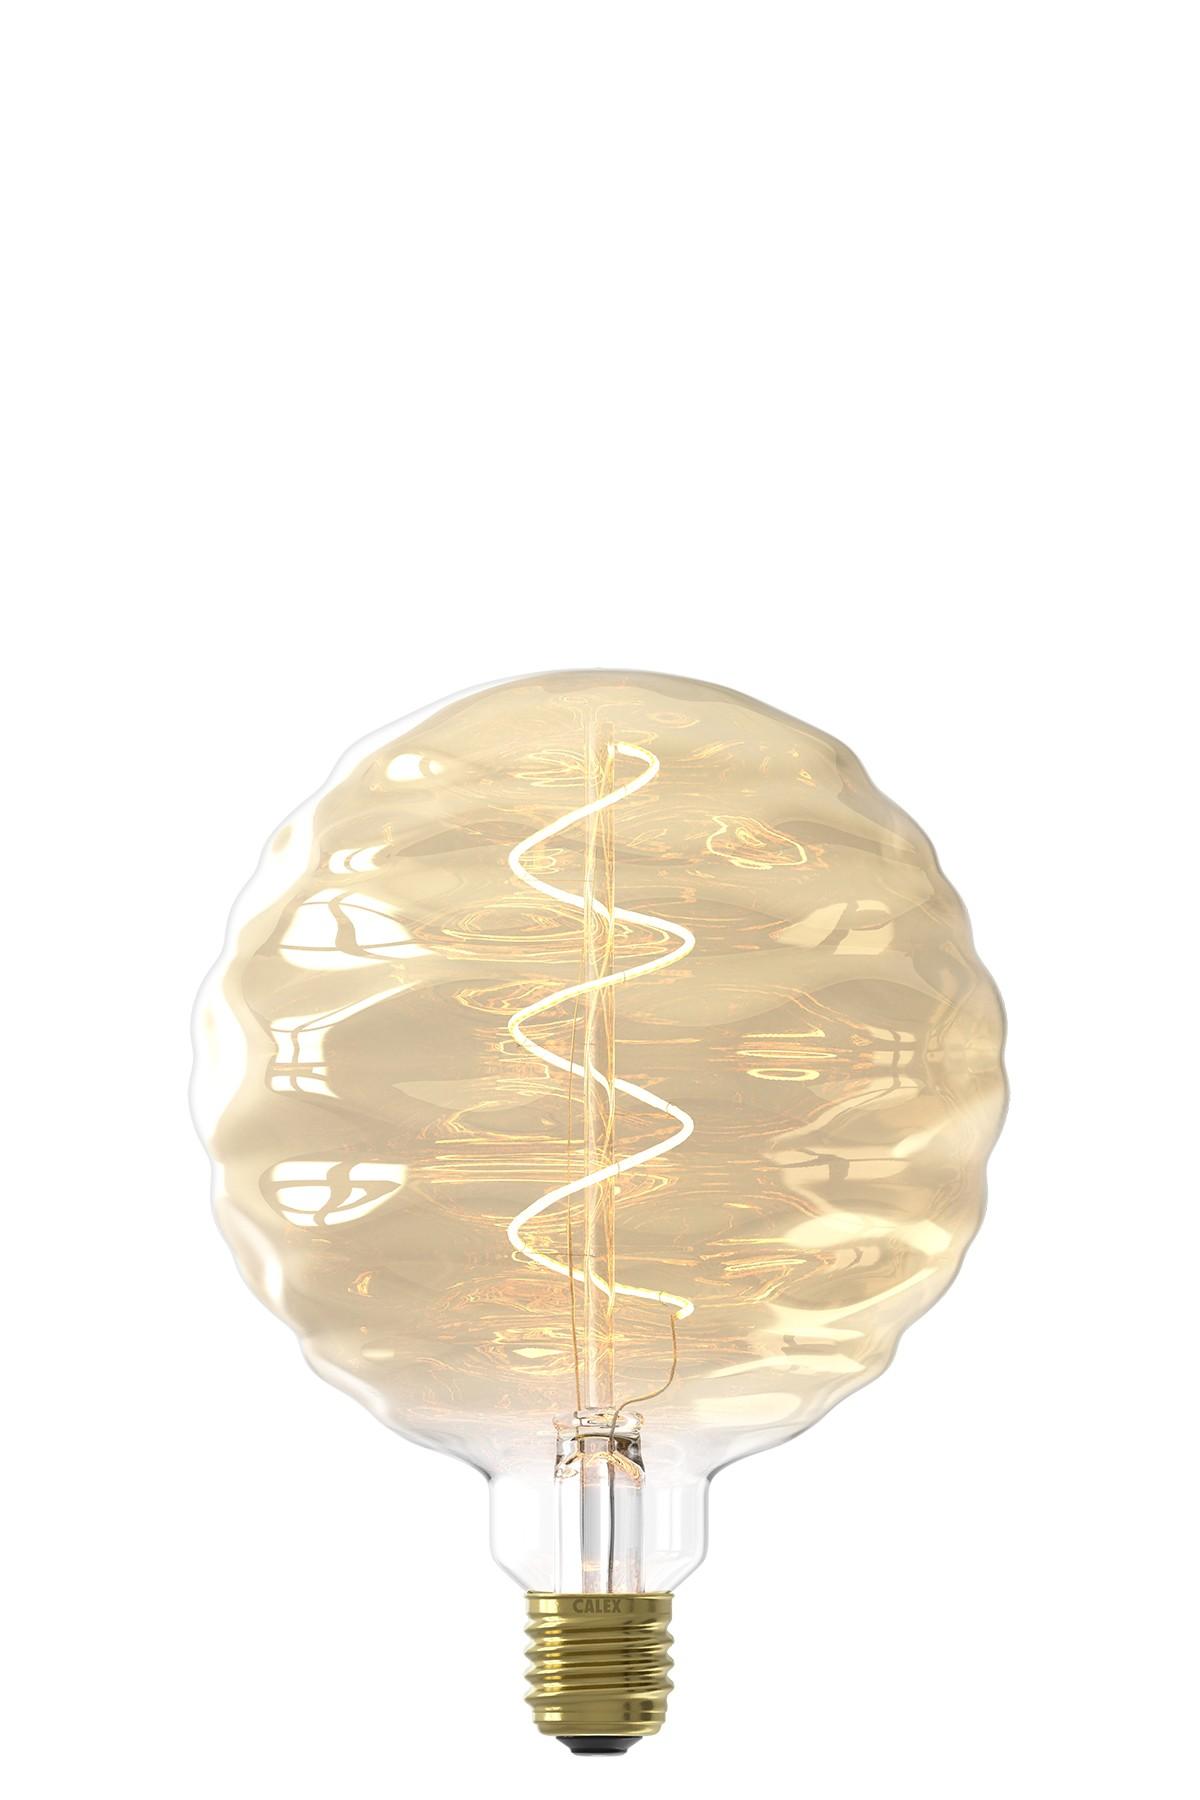 Bilbao Gold LED lamp